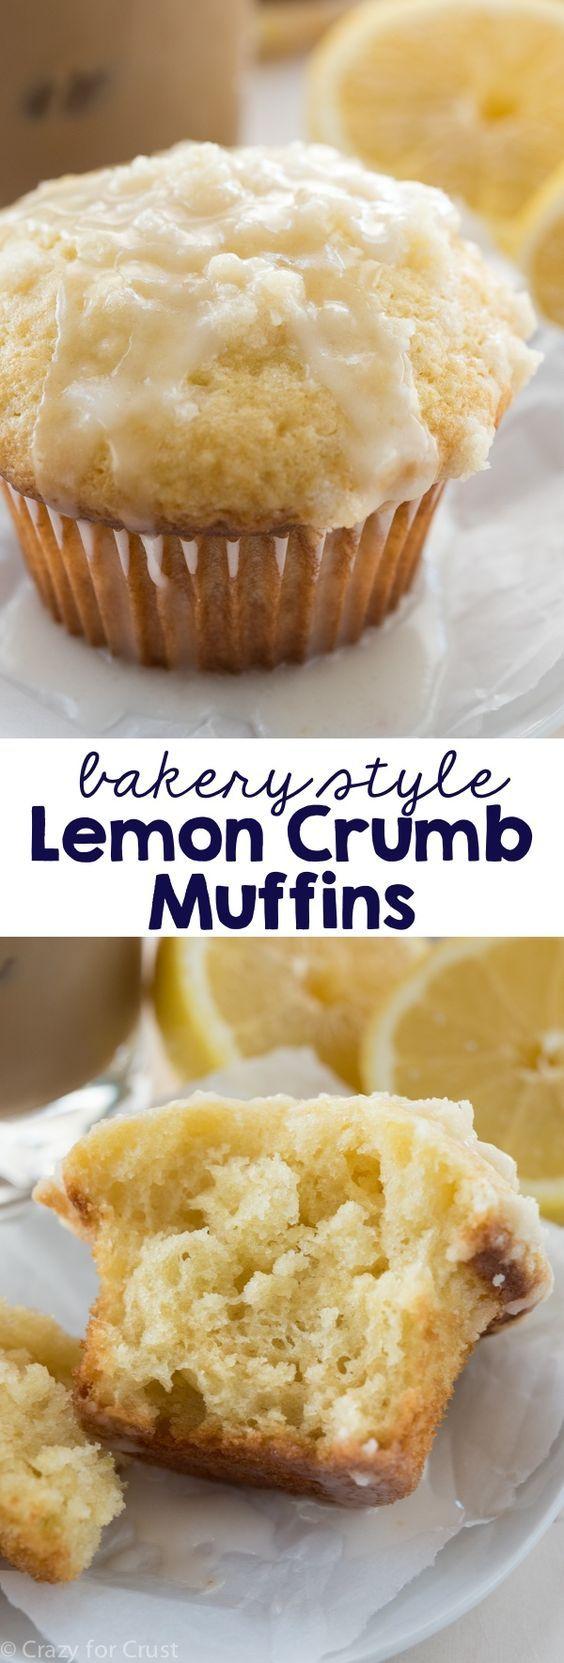 Can You Convert A Muffin Recipe To A Cake